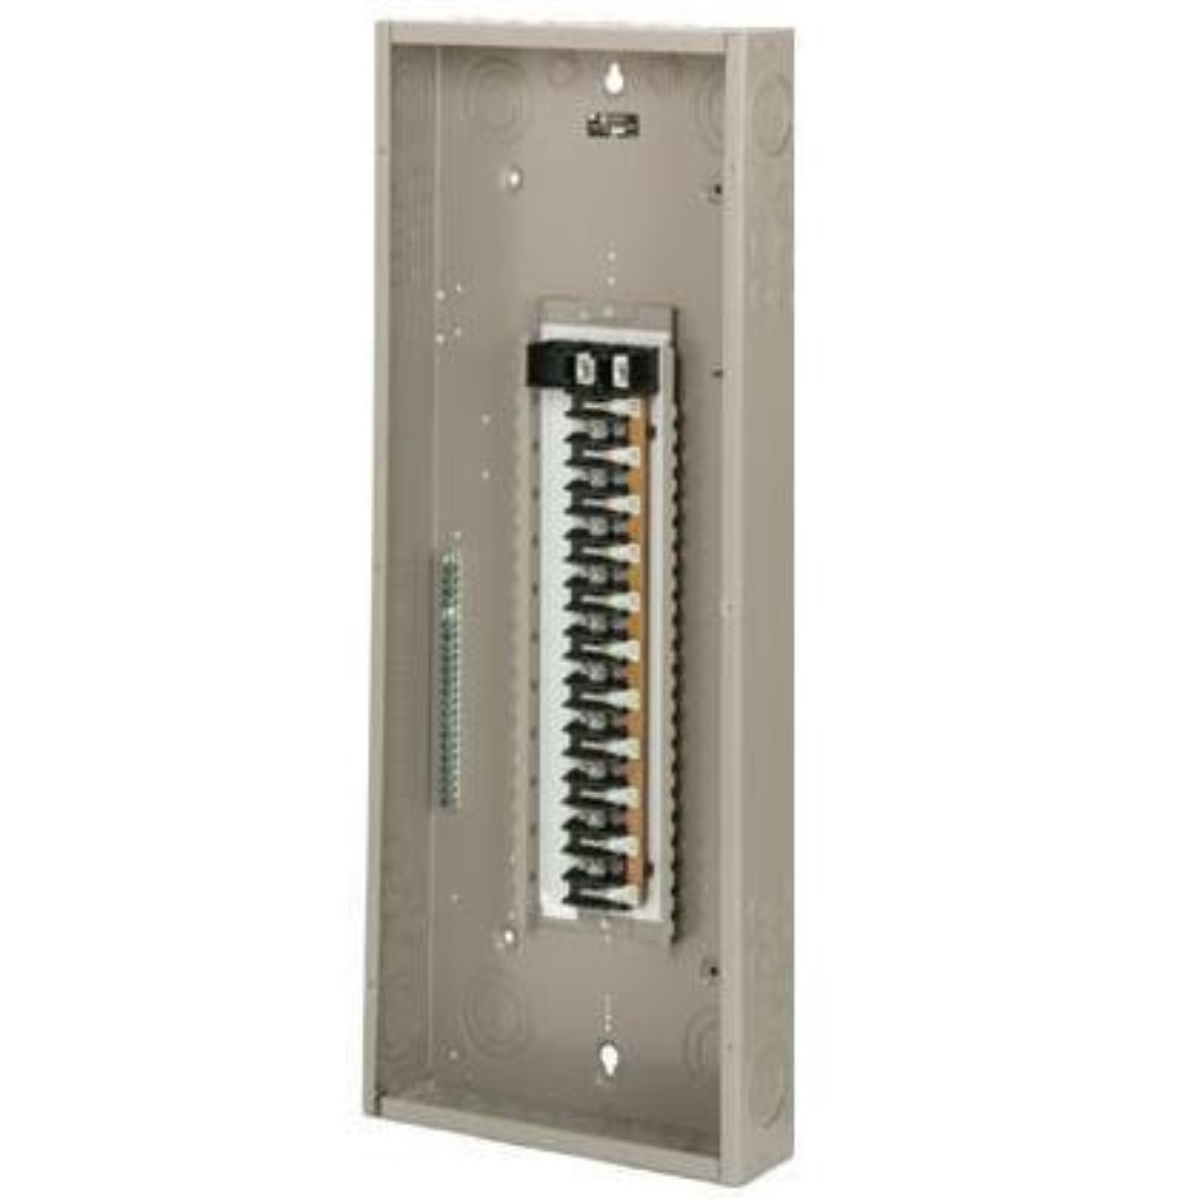 Cutler-Hammer, CH Loadcenter, CH42L225G